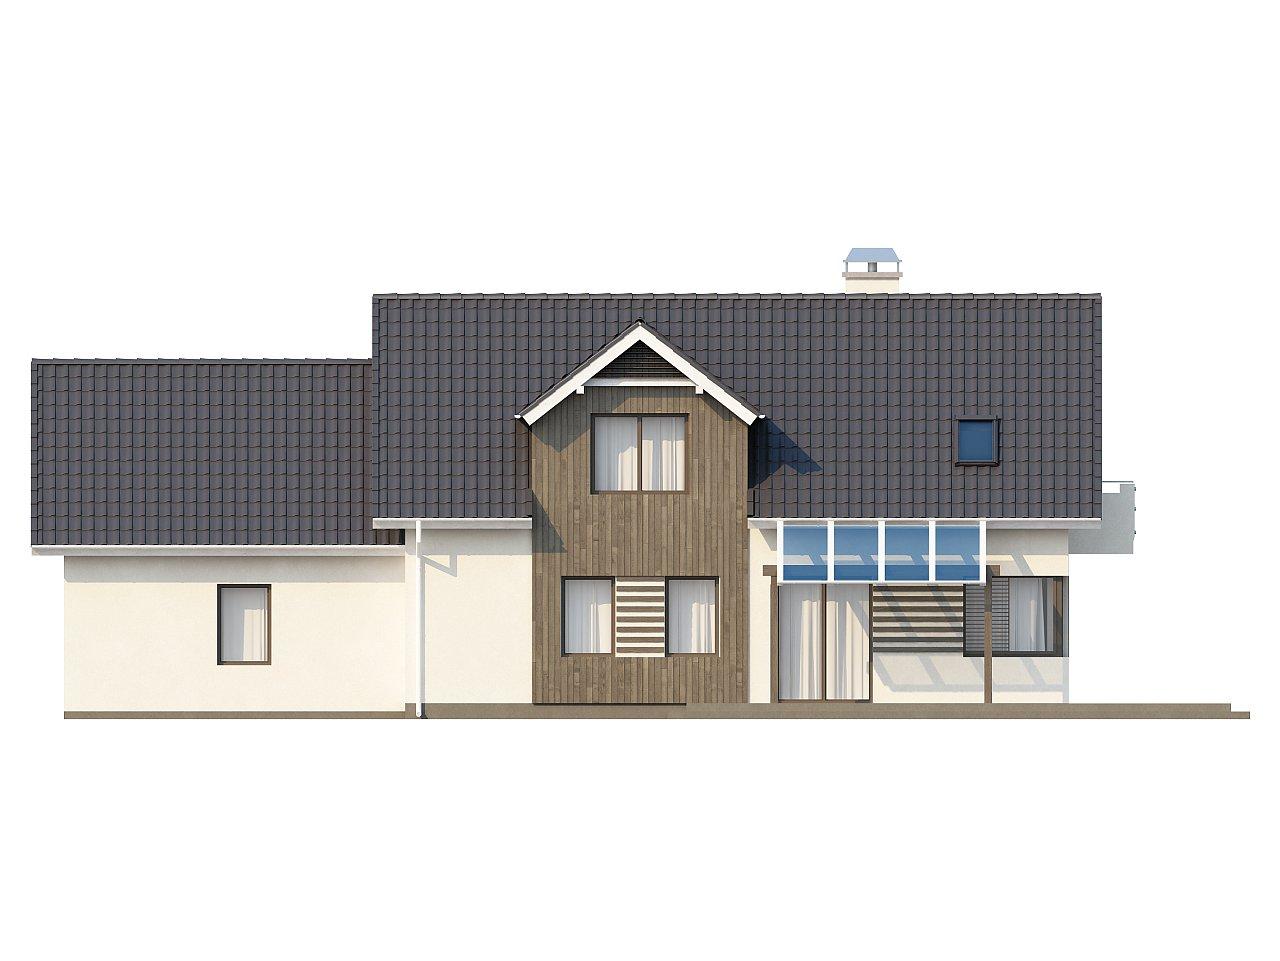 Просторный функциональный дом с гаражом, красивыми мансардными окнами и дополнительной спальней на первом этаже. - фото 5